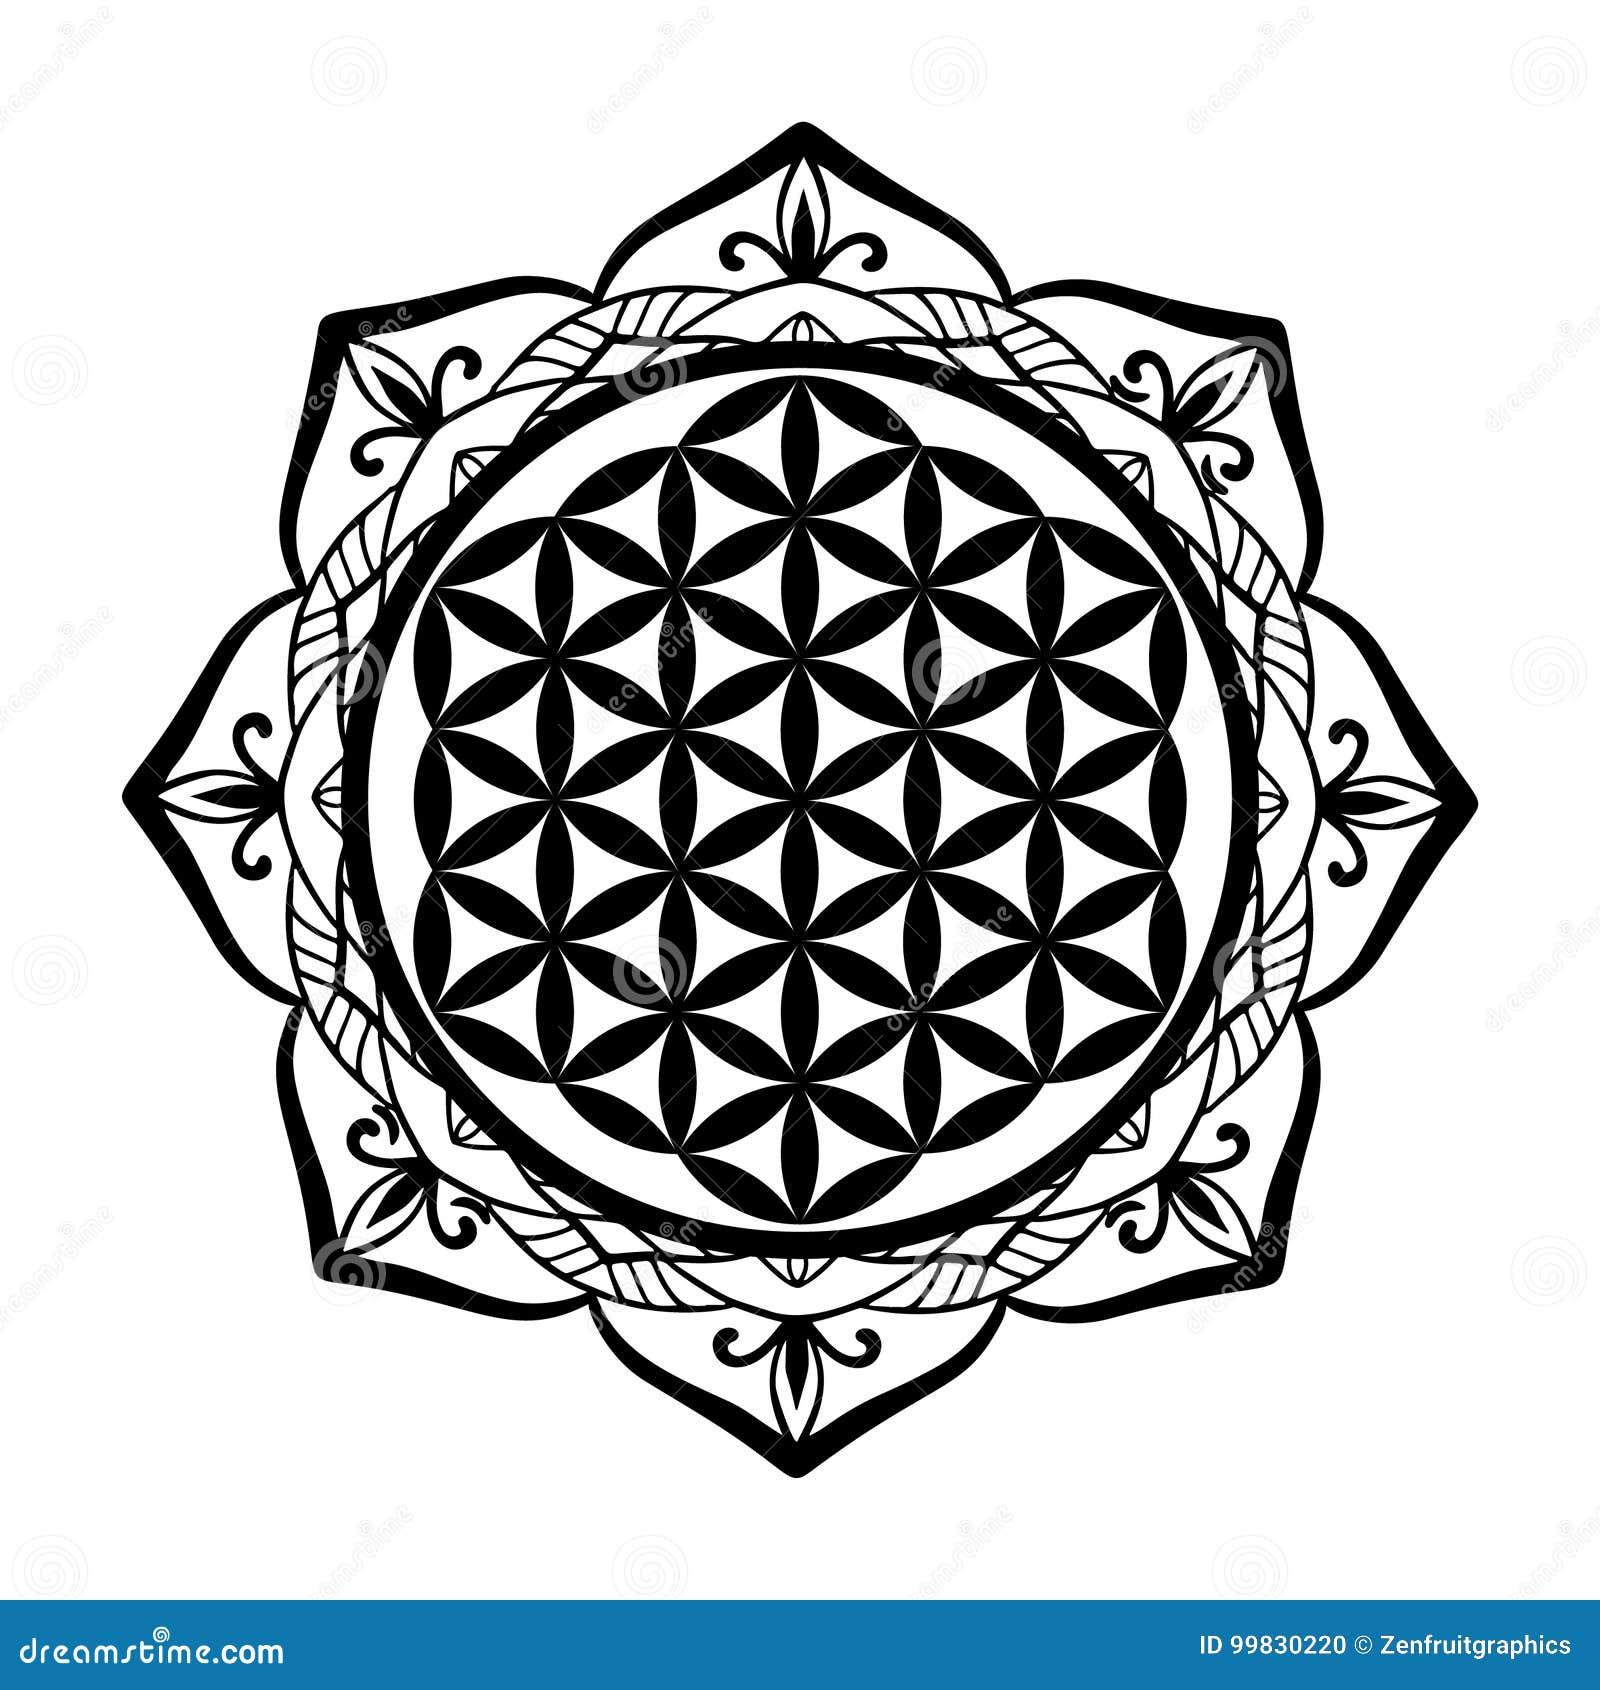 Mandalarahmen und Blume des Lebens tätowieren oder schablonieren Schablone, heilige Geometriesymbol Alchimie, Geistigkeit, Religi